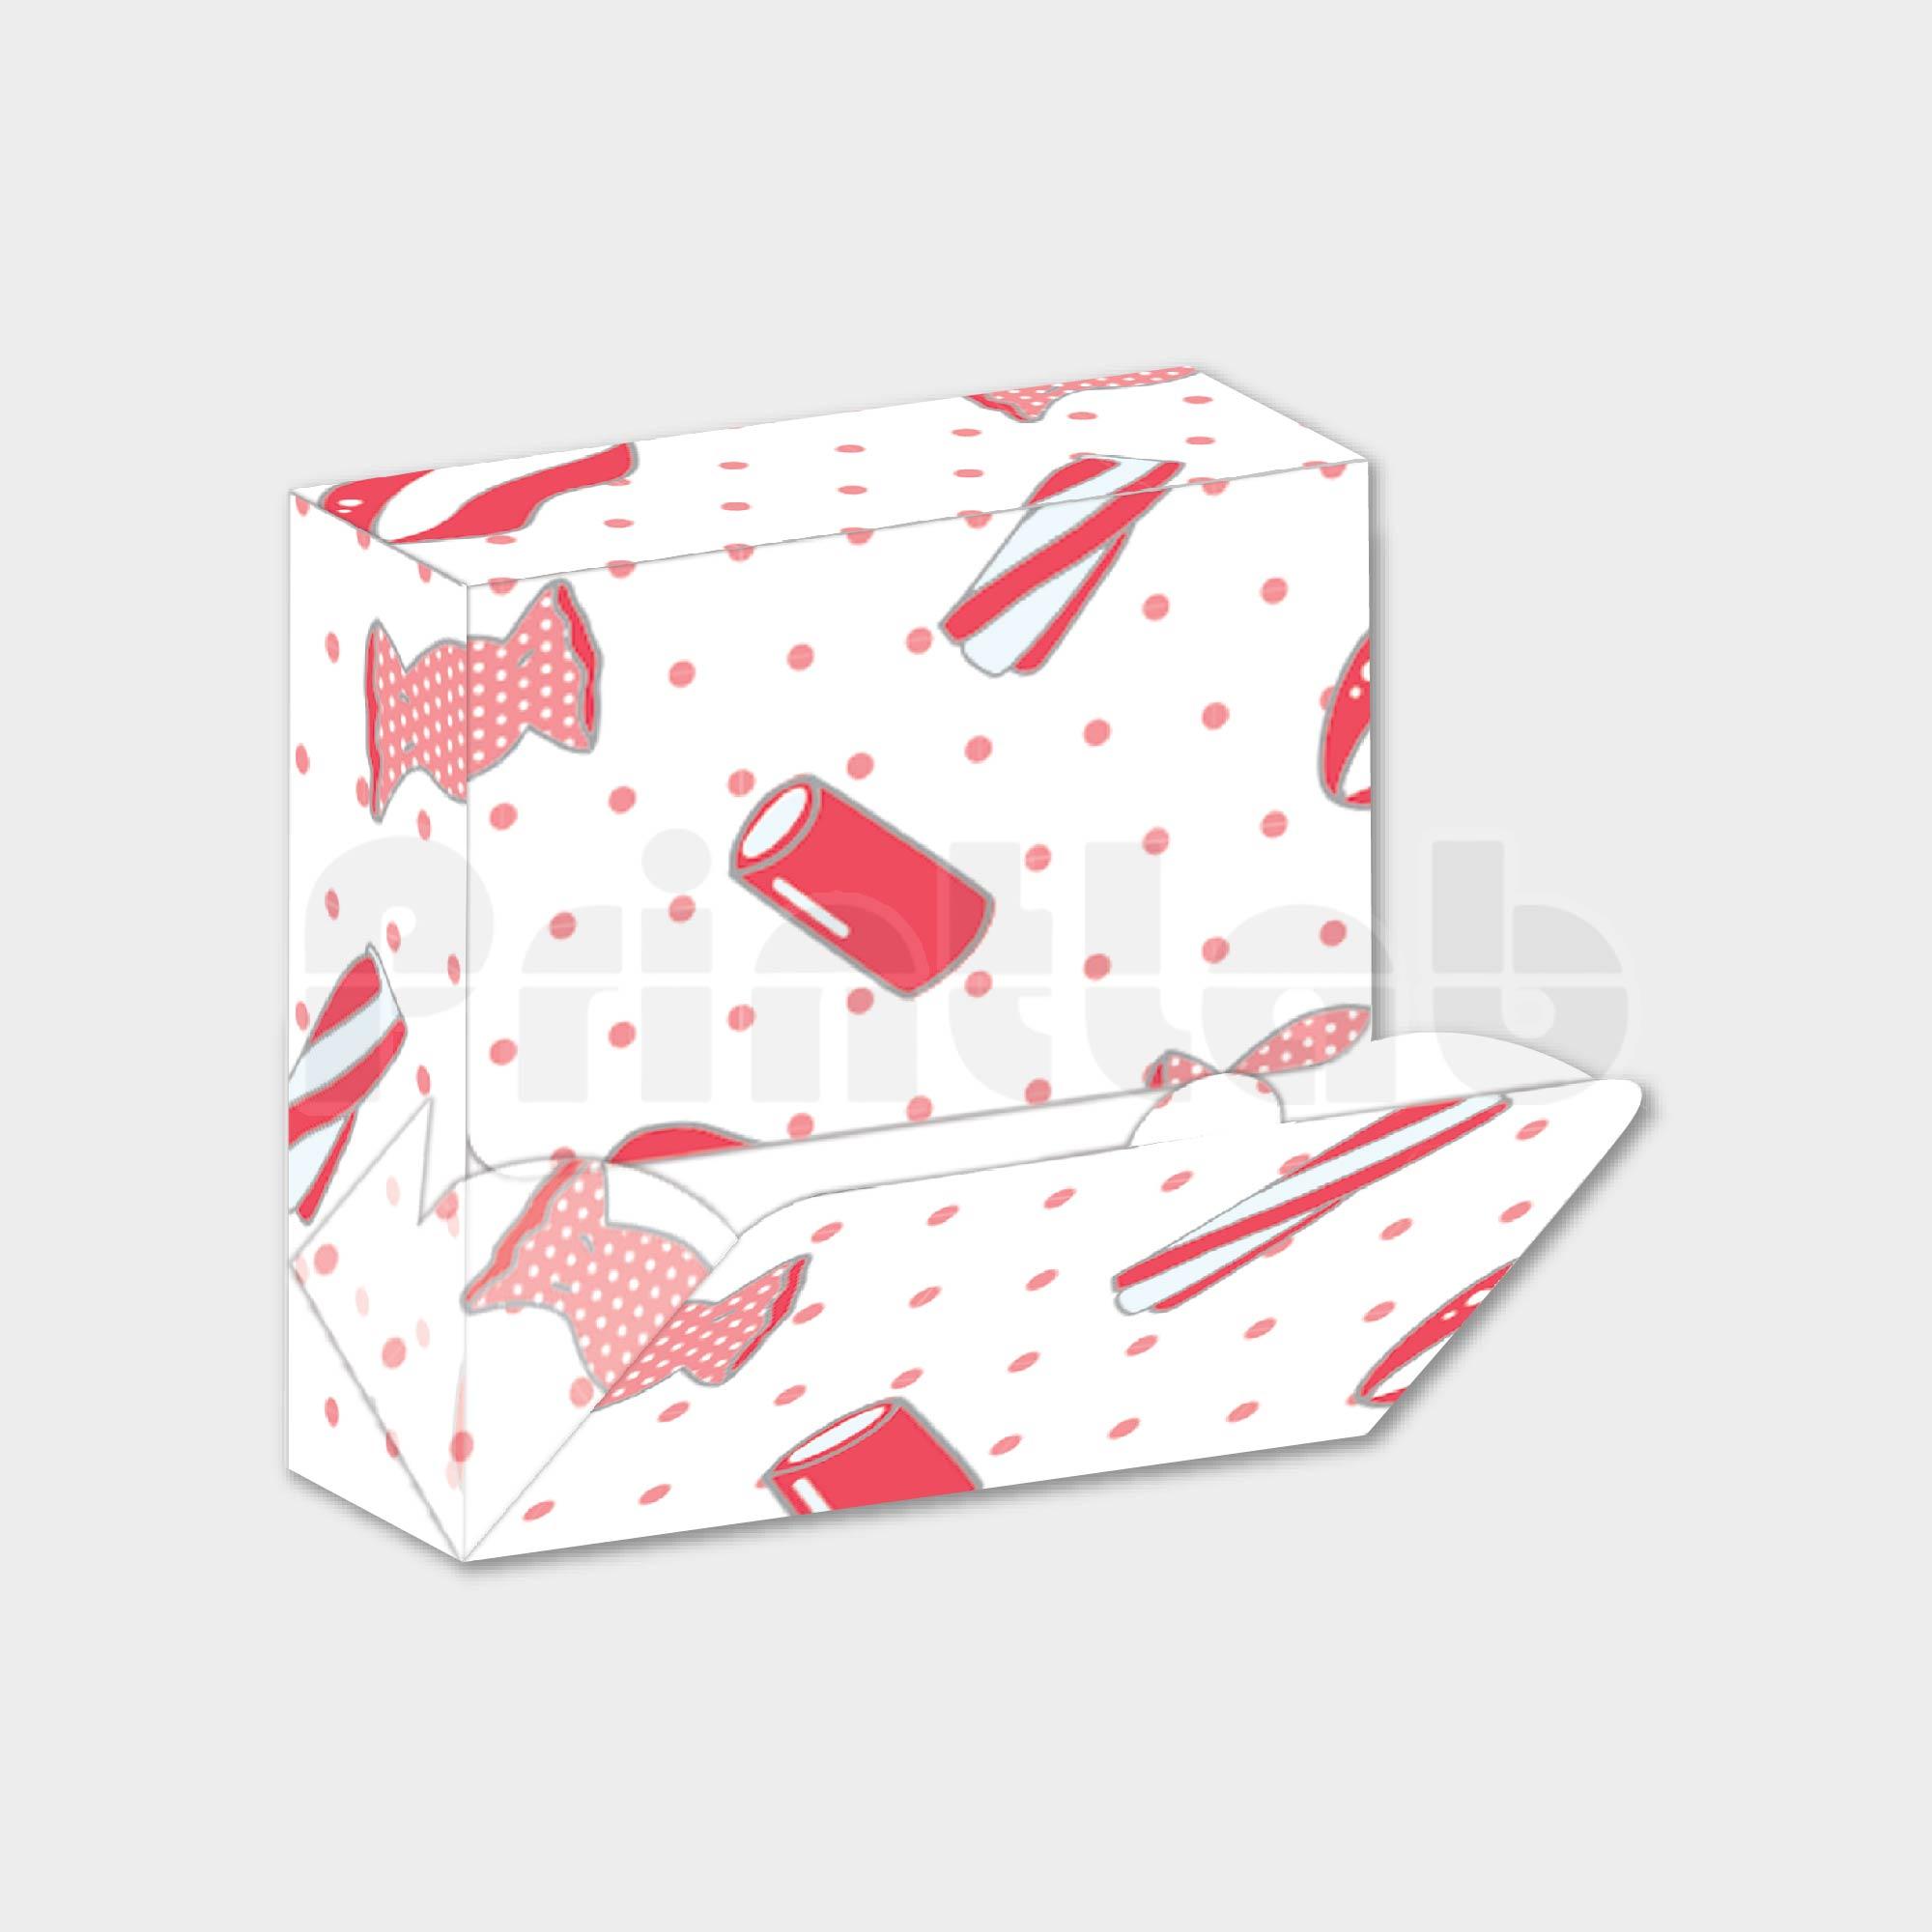 Candy Sachet Box, Flip Out Open Dispenser Box